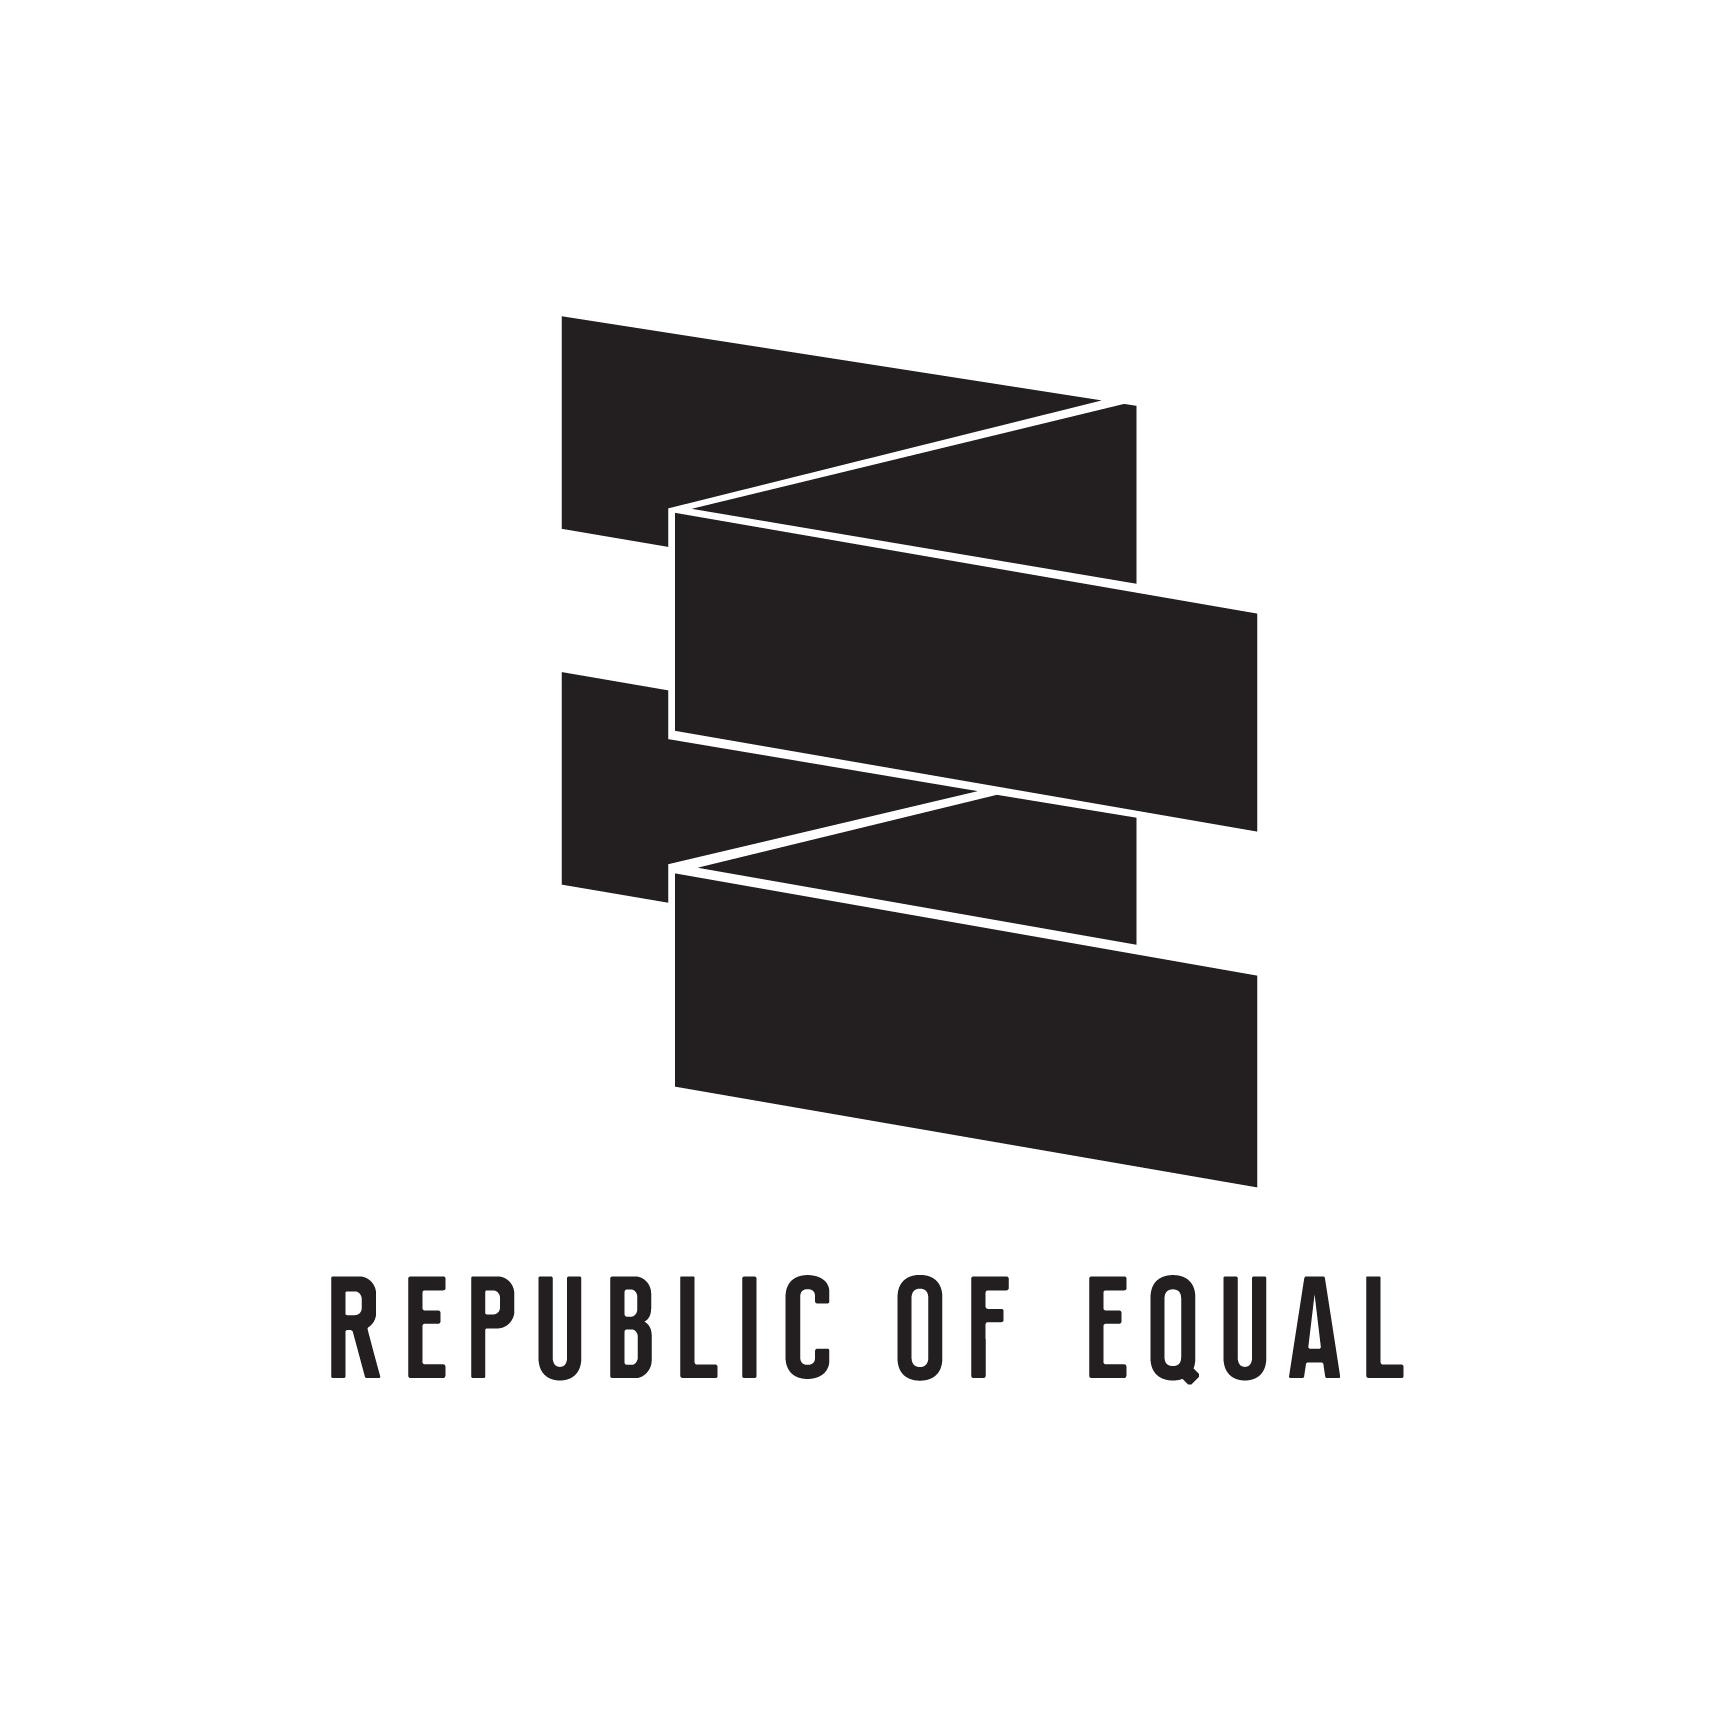 REPUBLIC OF EQUAL